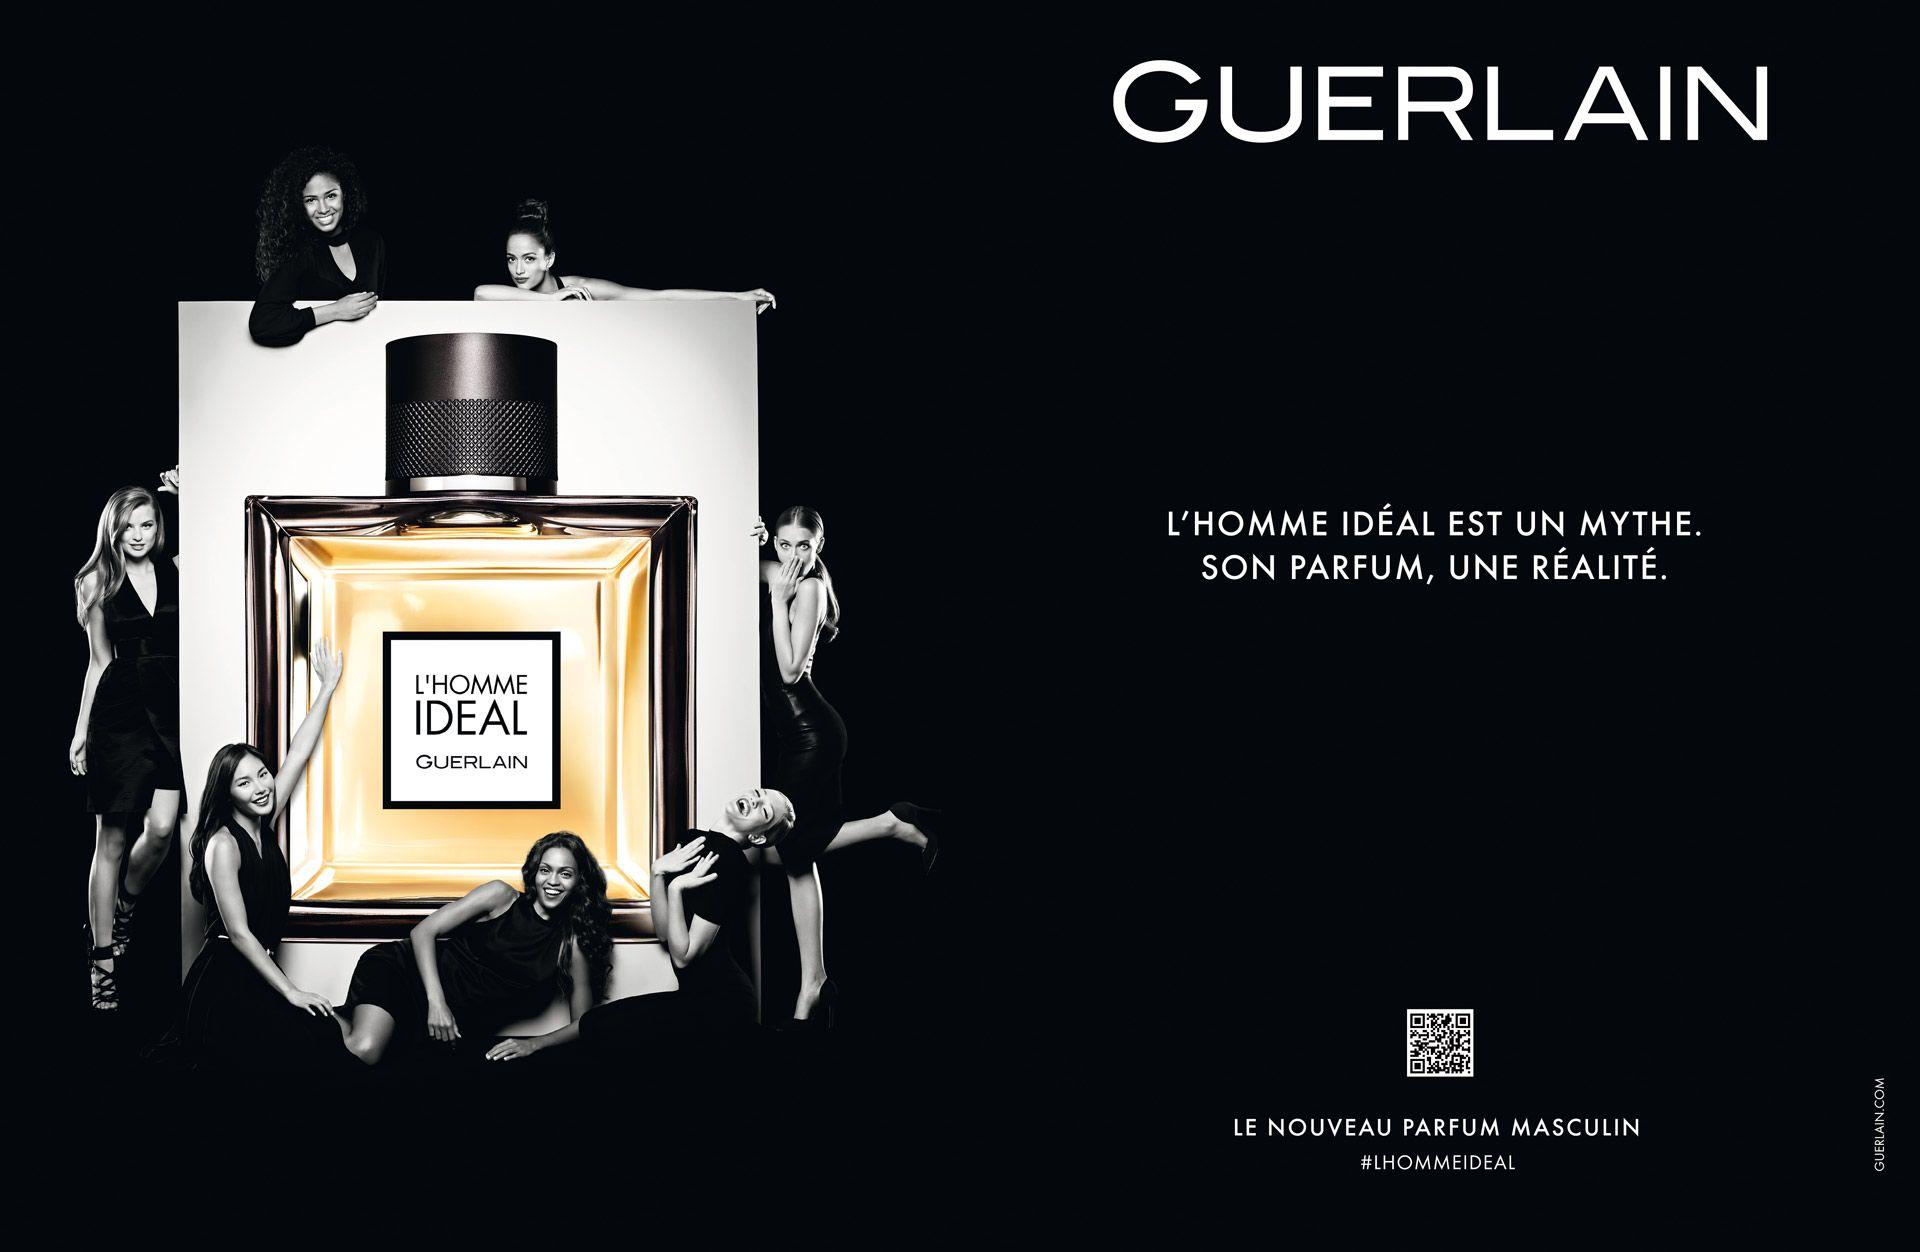 Publicité Guerlain 2014 L'homme Idéal De drCtshxQ